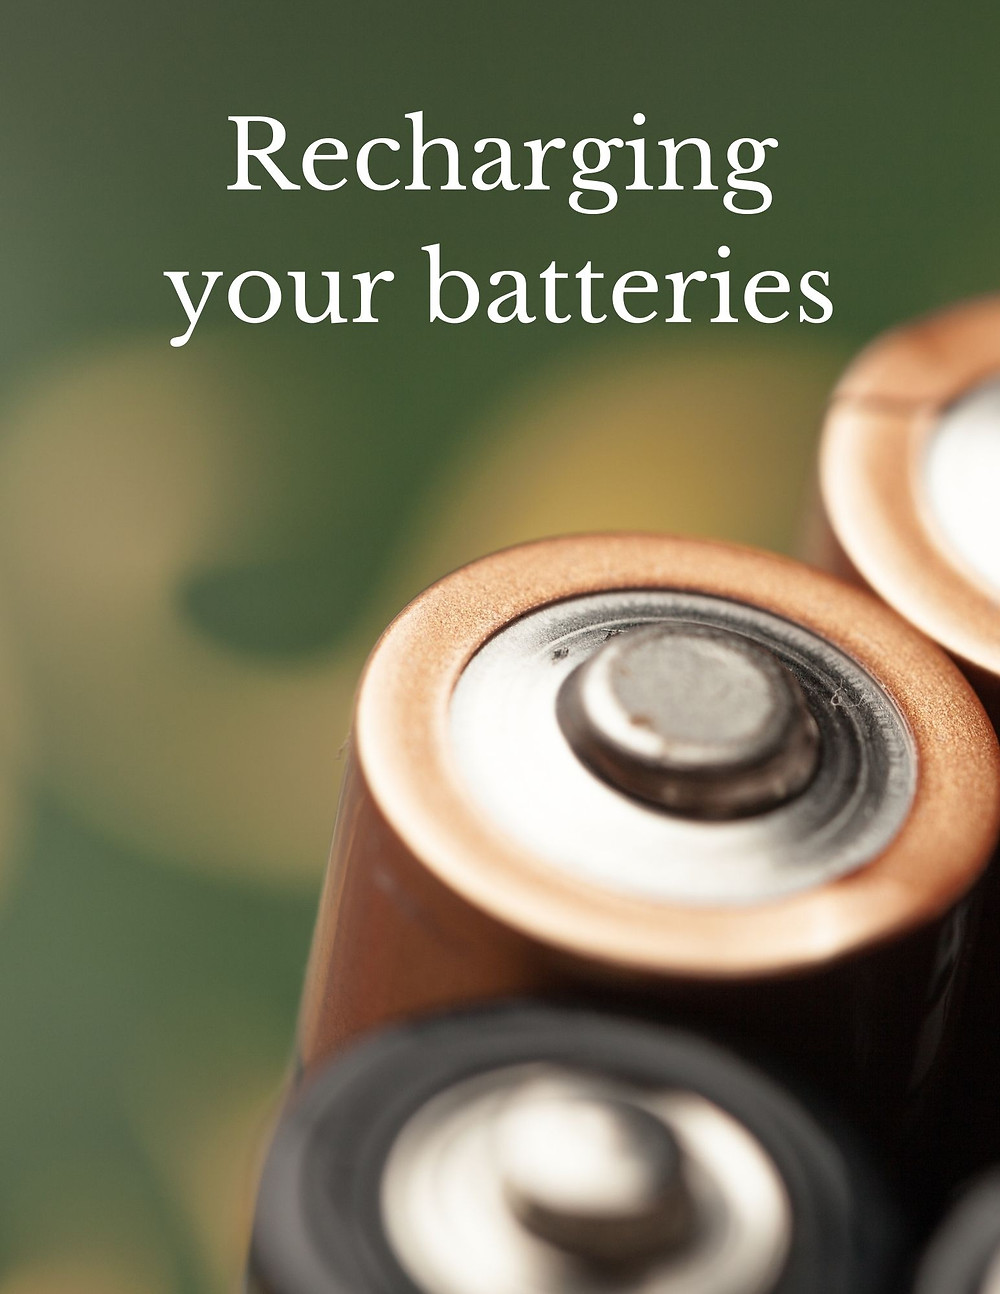 Recharging your batteries